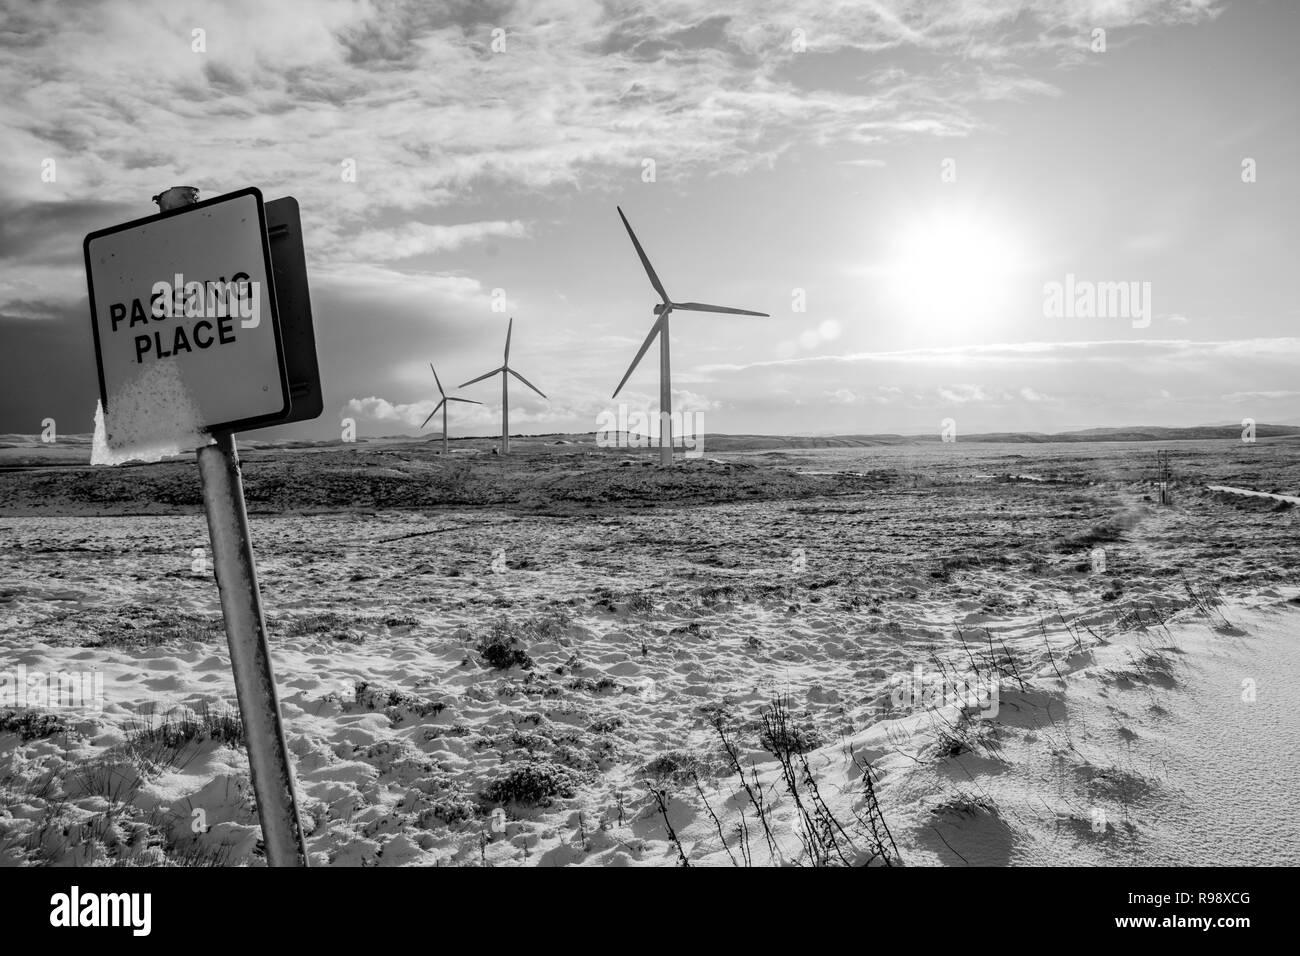 Landscape on Isle of Lewis, Scotland, UK - Stock Image